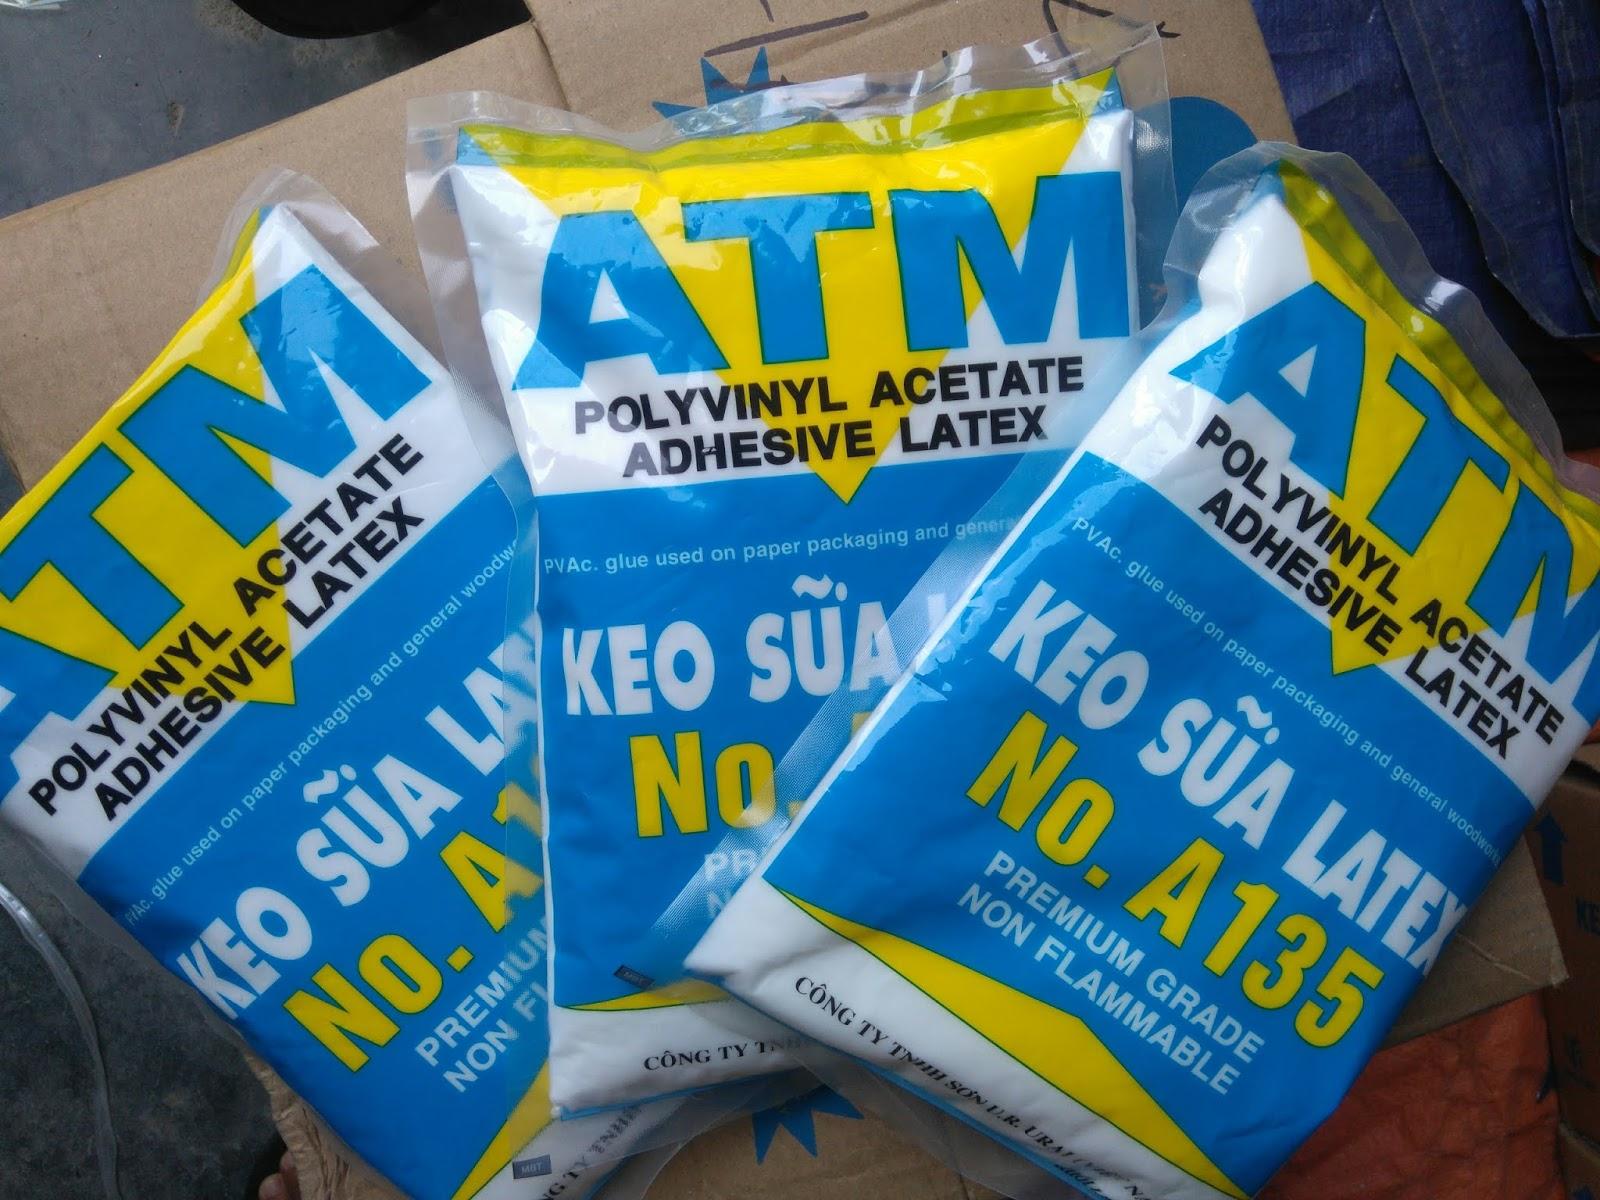 keo-sua-latex-atm-2